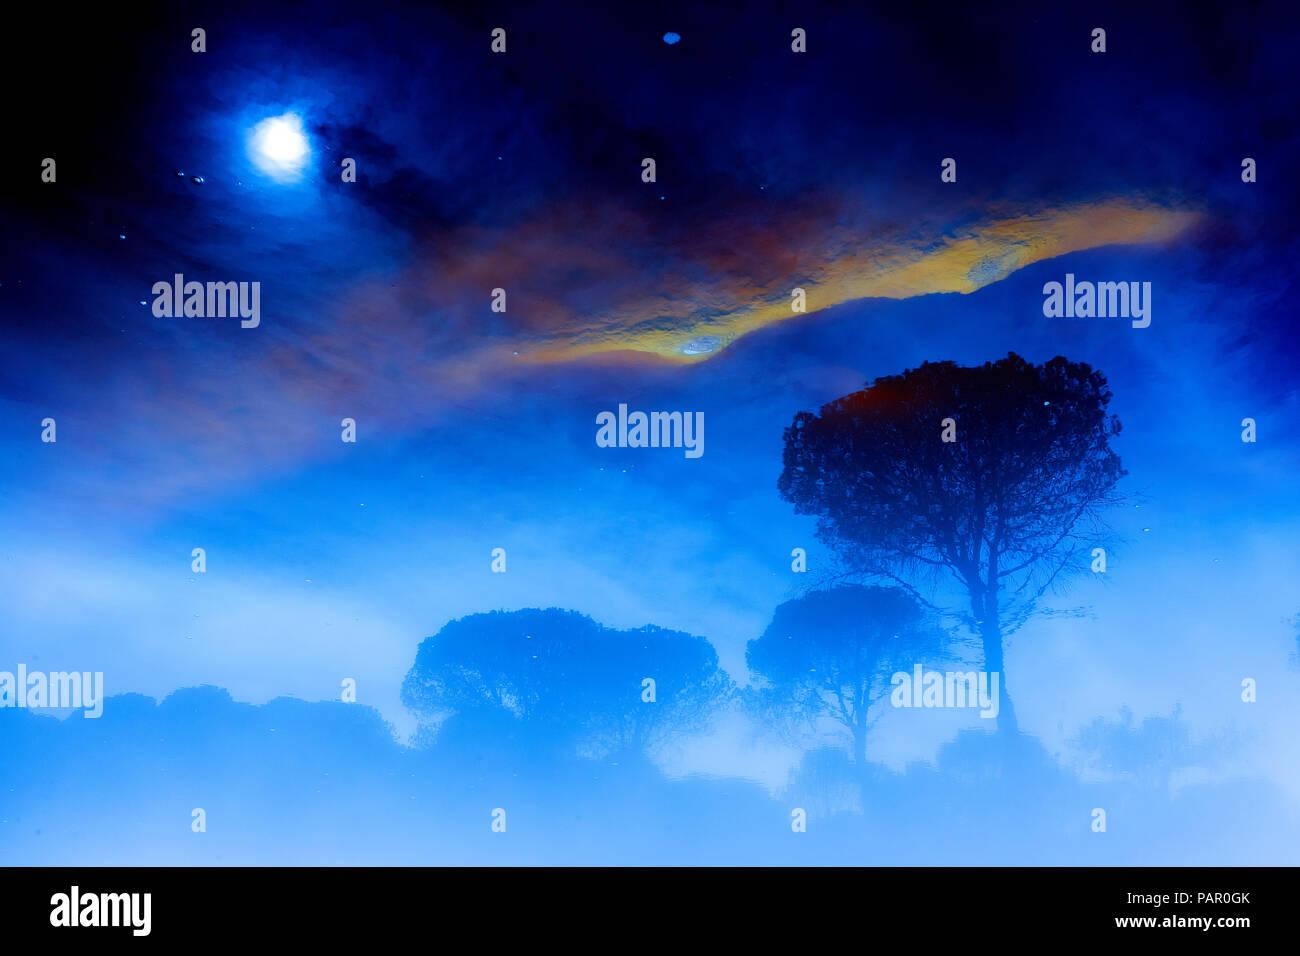 Spanien, Andalusien, Bäume und Himmel mit Wolken und Mond Stockbild